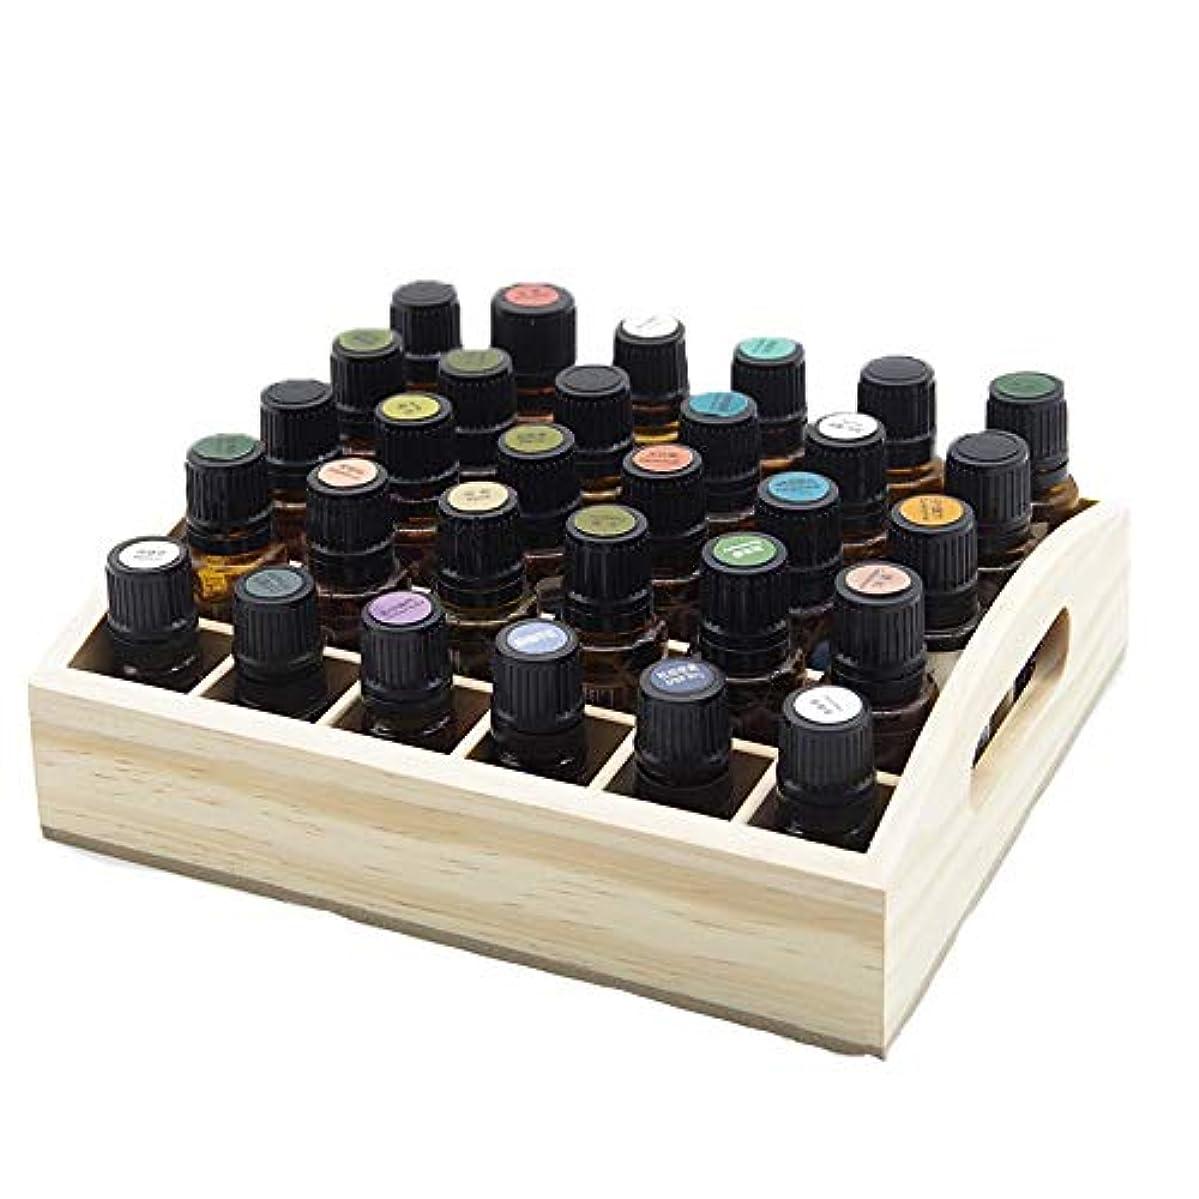 歯商標代理店エッセンシャルオイルストレージボックス 30スロット木製エッセンシャルオイルストレージホルダーは、30本のボトル大容量を保持します 旅行およびプレゼンテーション用 (色 : Natural, サイズ : 21.5X18.3X3.5CM)